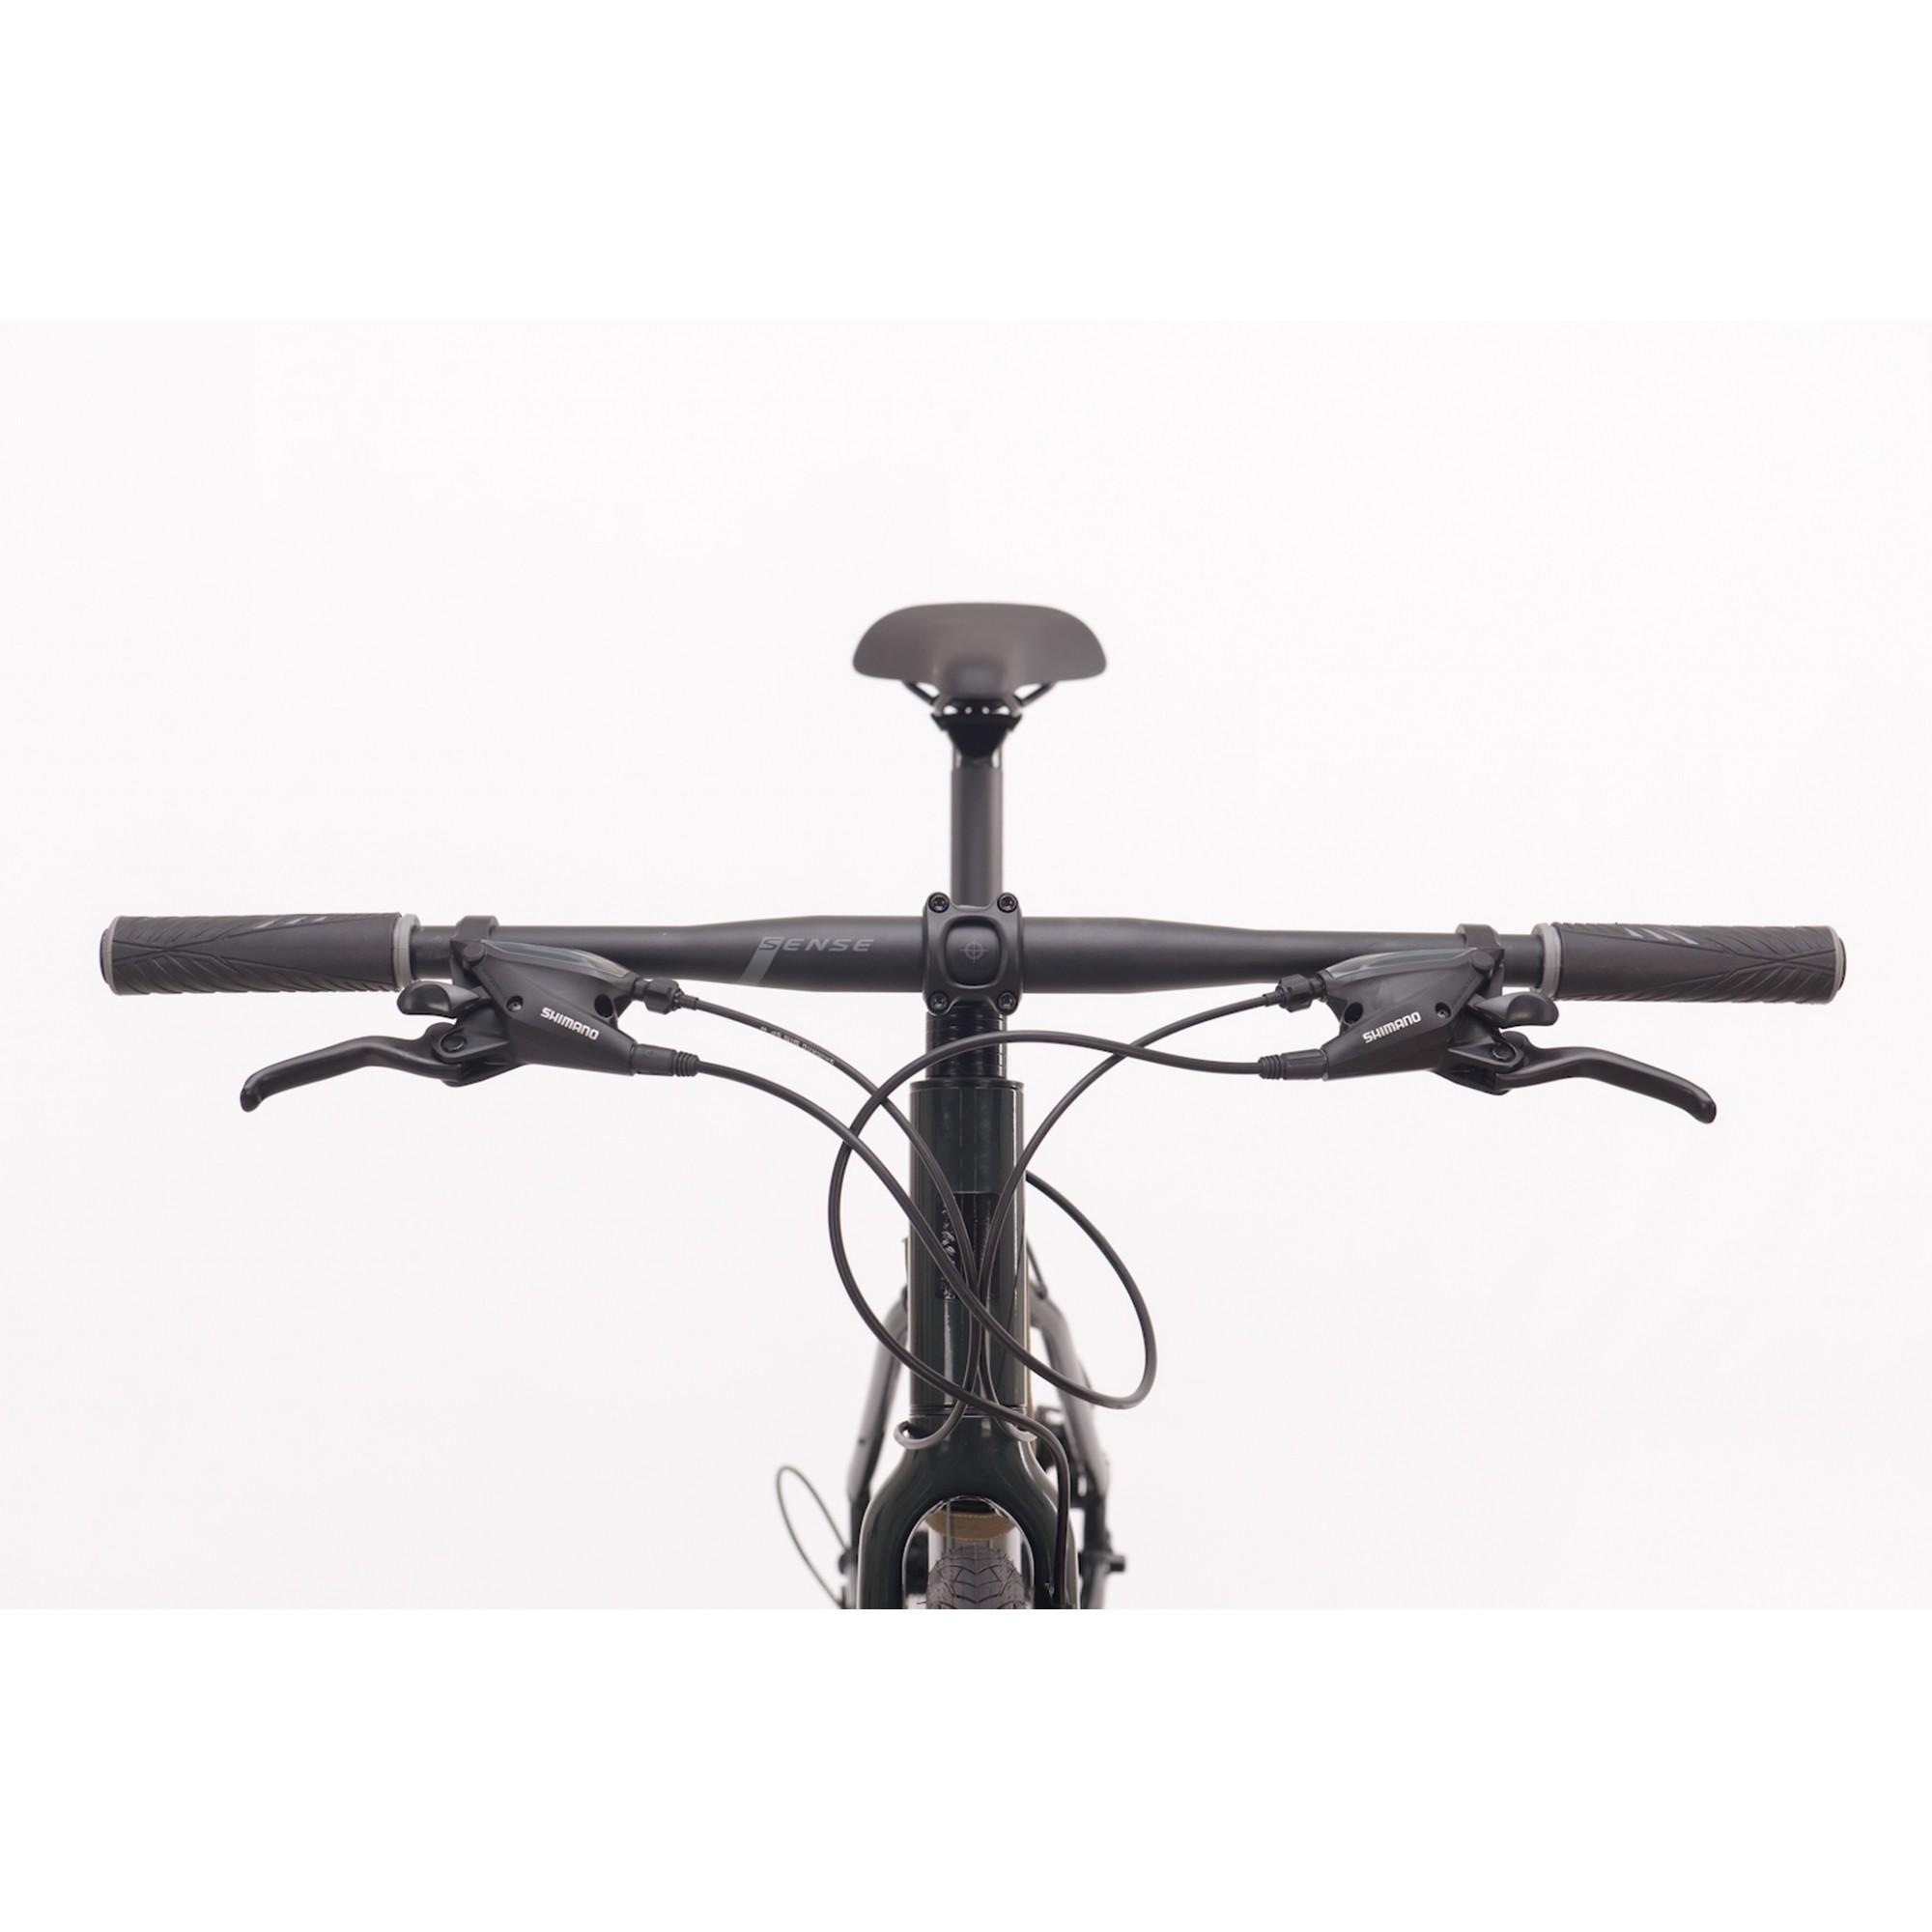 Bicicleta SENSE Urban Activ 2021 - 27v Shimano Altus - Freio Hidráulico - Verde